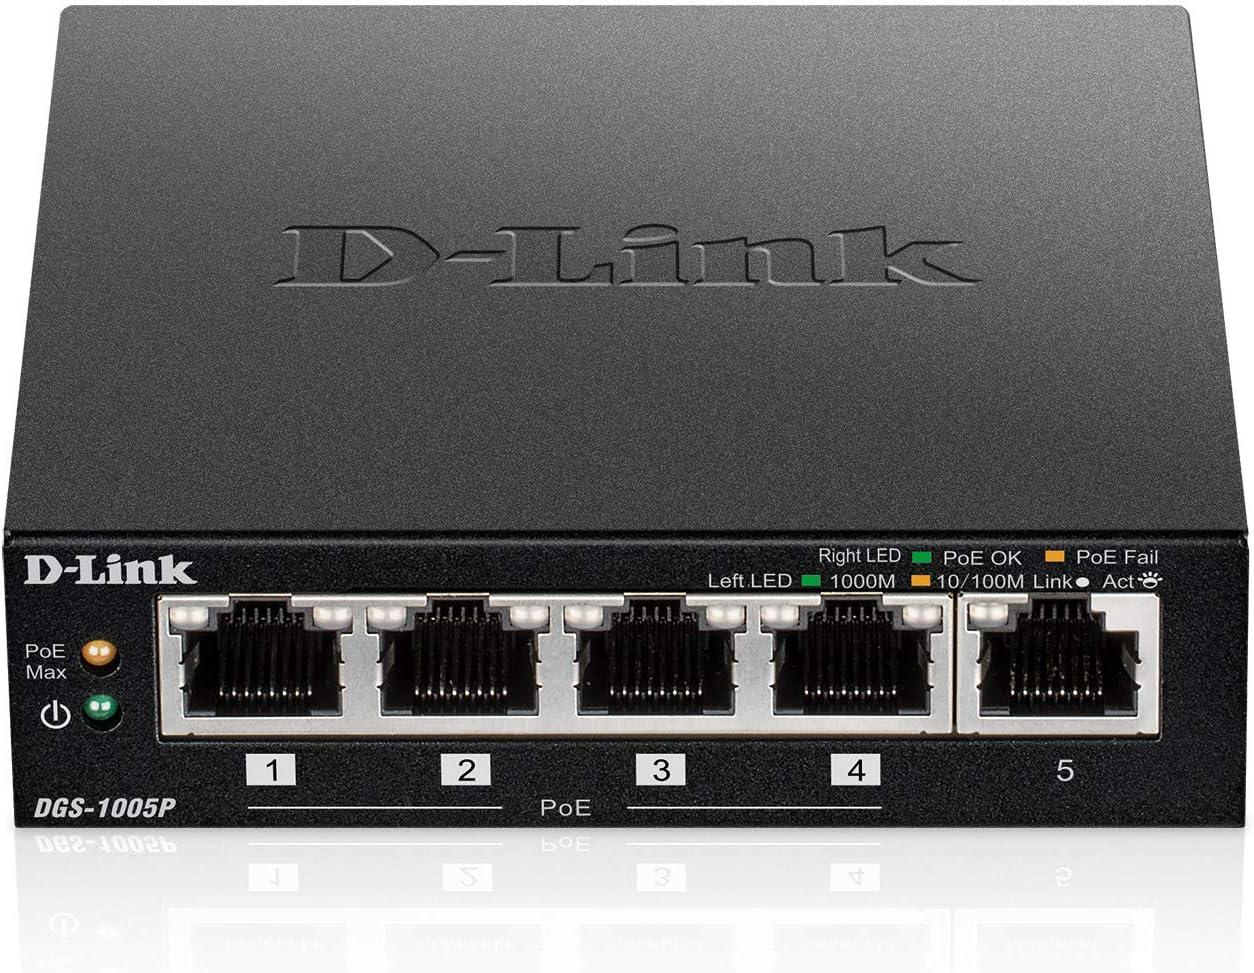 D-Link DGS-1005P - Switch PoE+ con 5 Puertos Gigabit 10/100/1000 Mbps (4 Puertos PoE 802.3af/802.3at de hasta 30 W por Puerto y hasta un Total de 60 W, Carcasa metálica, Full Duplex)